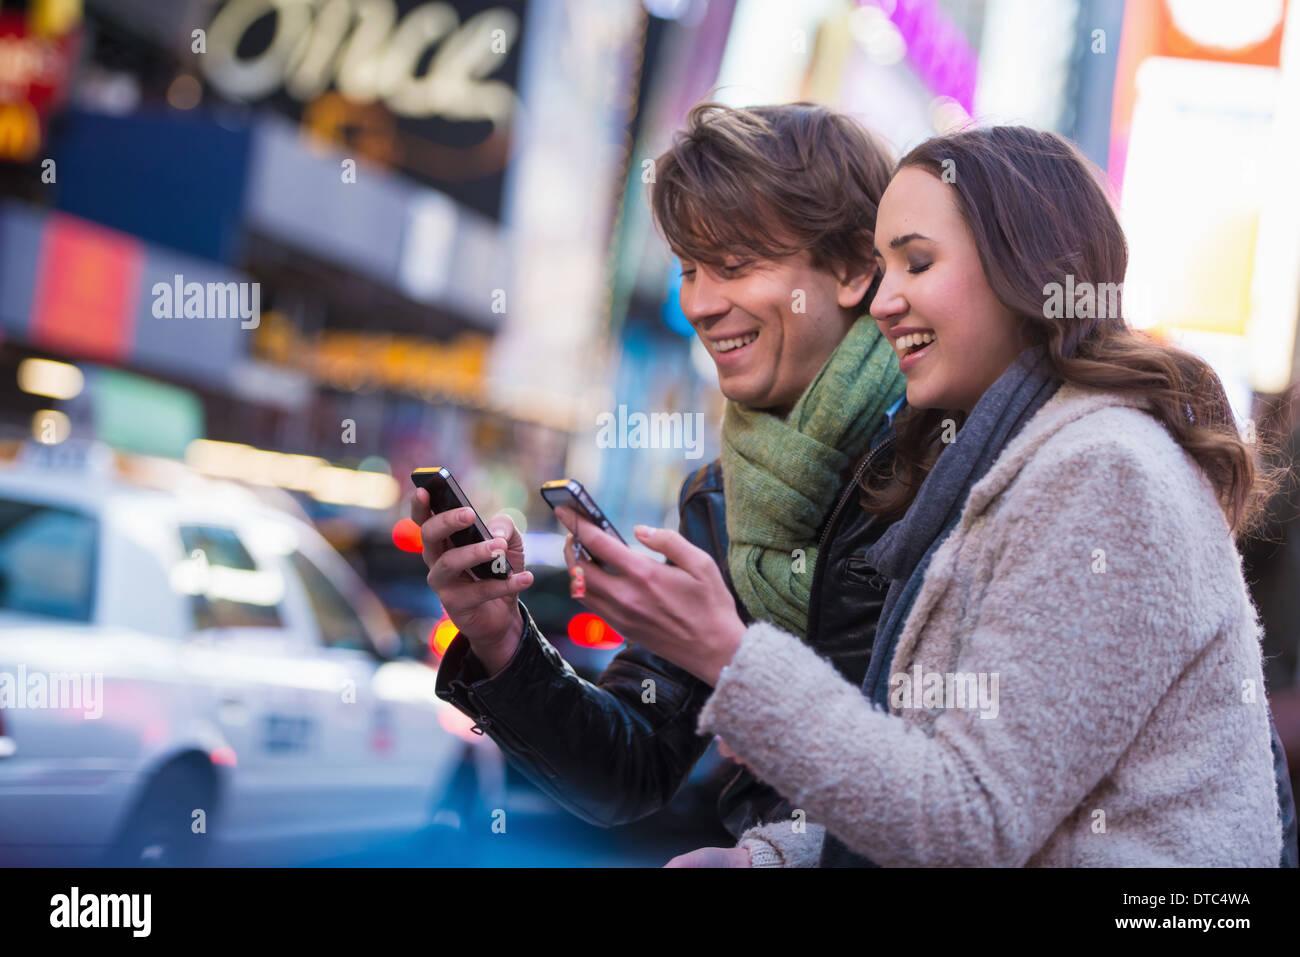 Coppia giovane competere sui telefoni cellulari, New York City, Stati Uniti d'America Immagini Stock